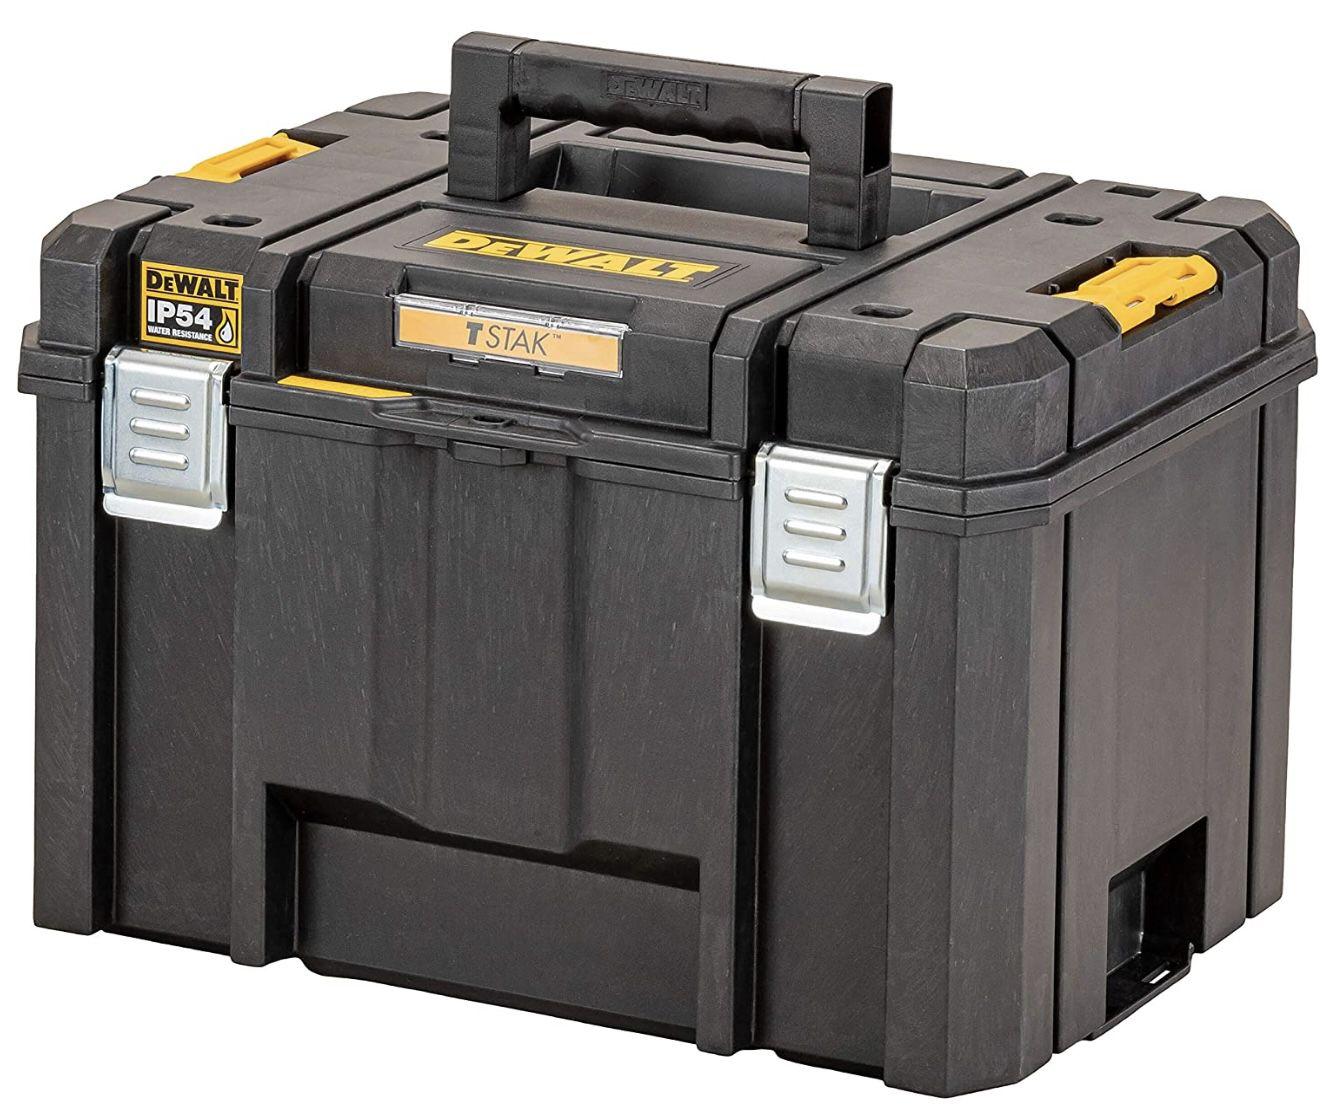 DeWalt TSTAK DWST83346 1 Tiefe Werkzeugbox mit 44l Volumen für 37,49€ (statt 48€)